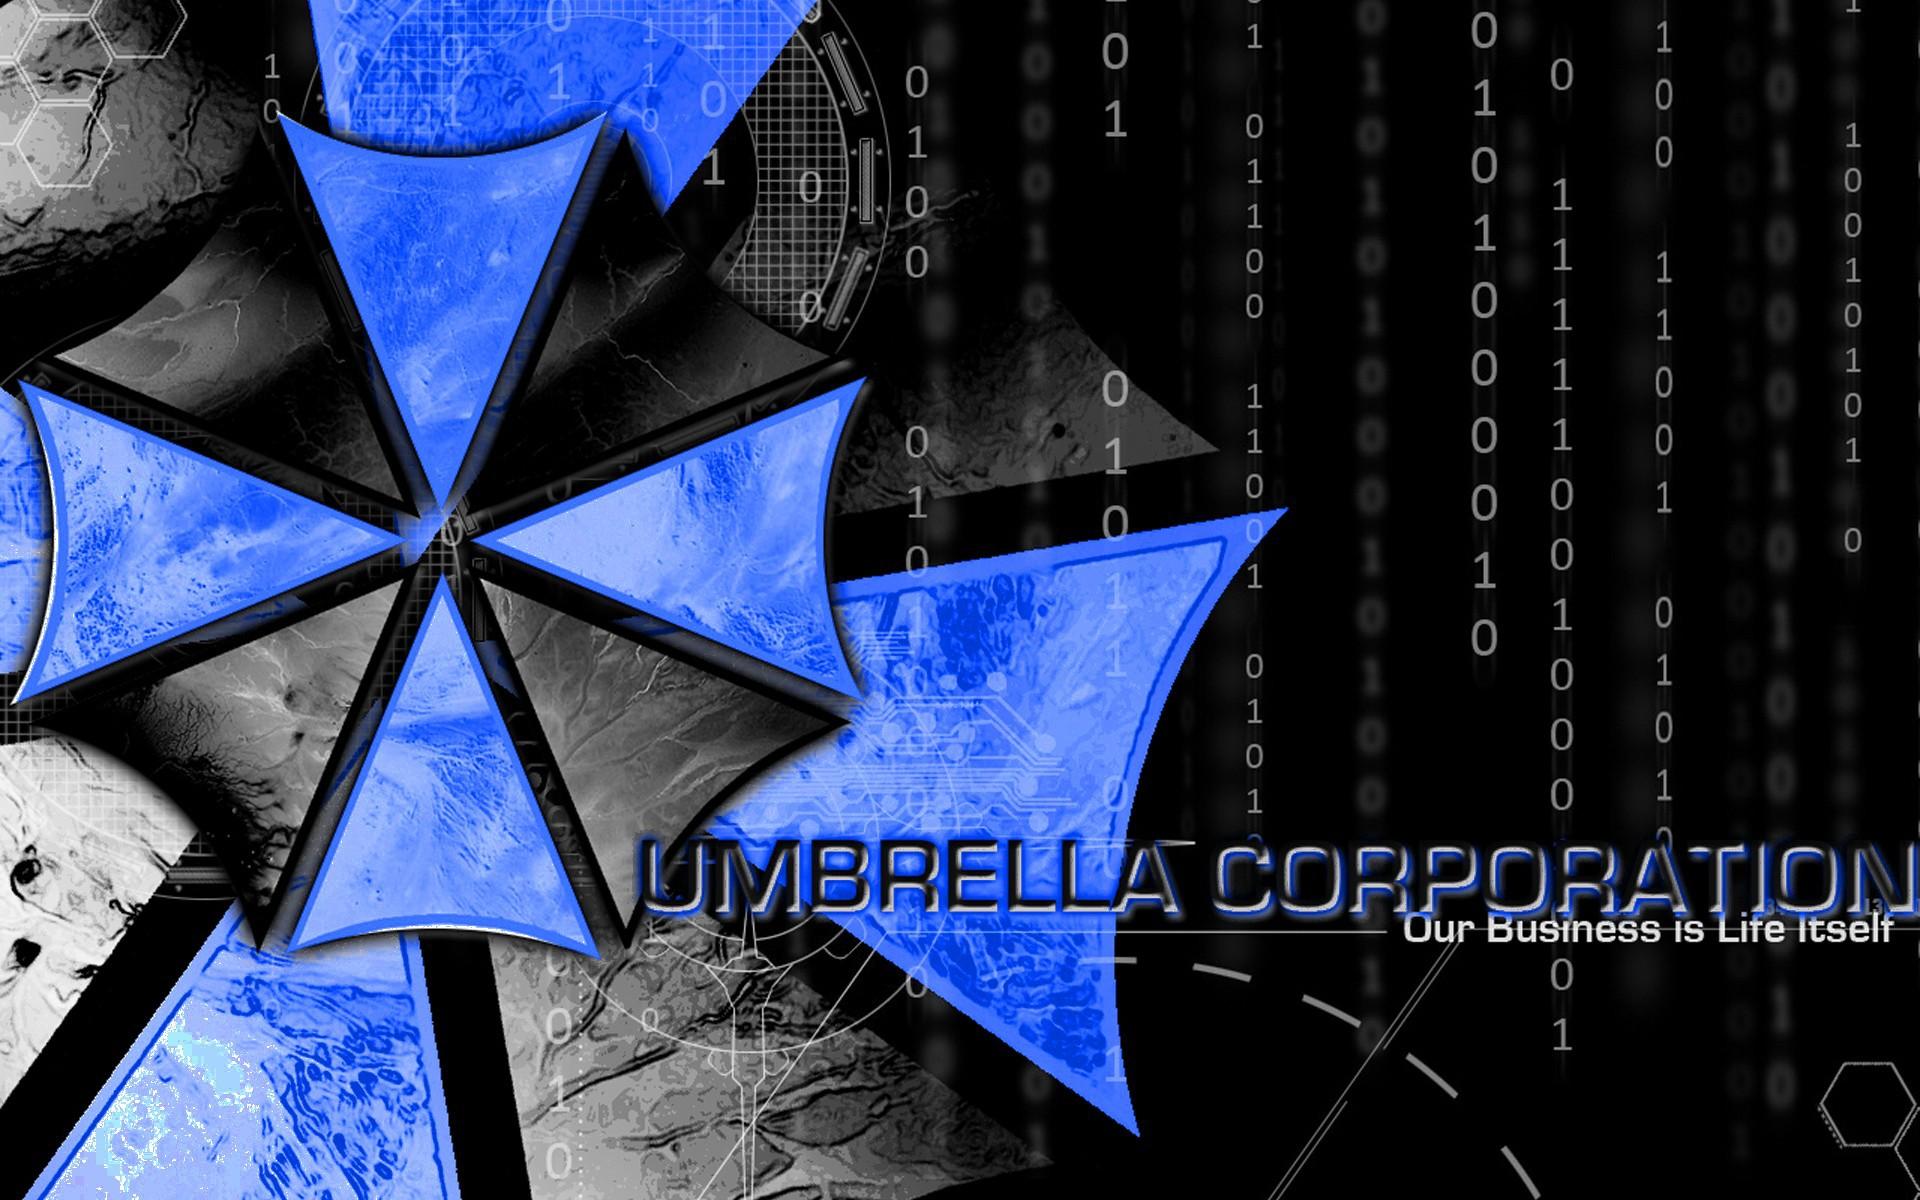 Blue Black Umbrella Corporation Embrella Wallpapers And Images